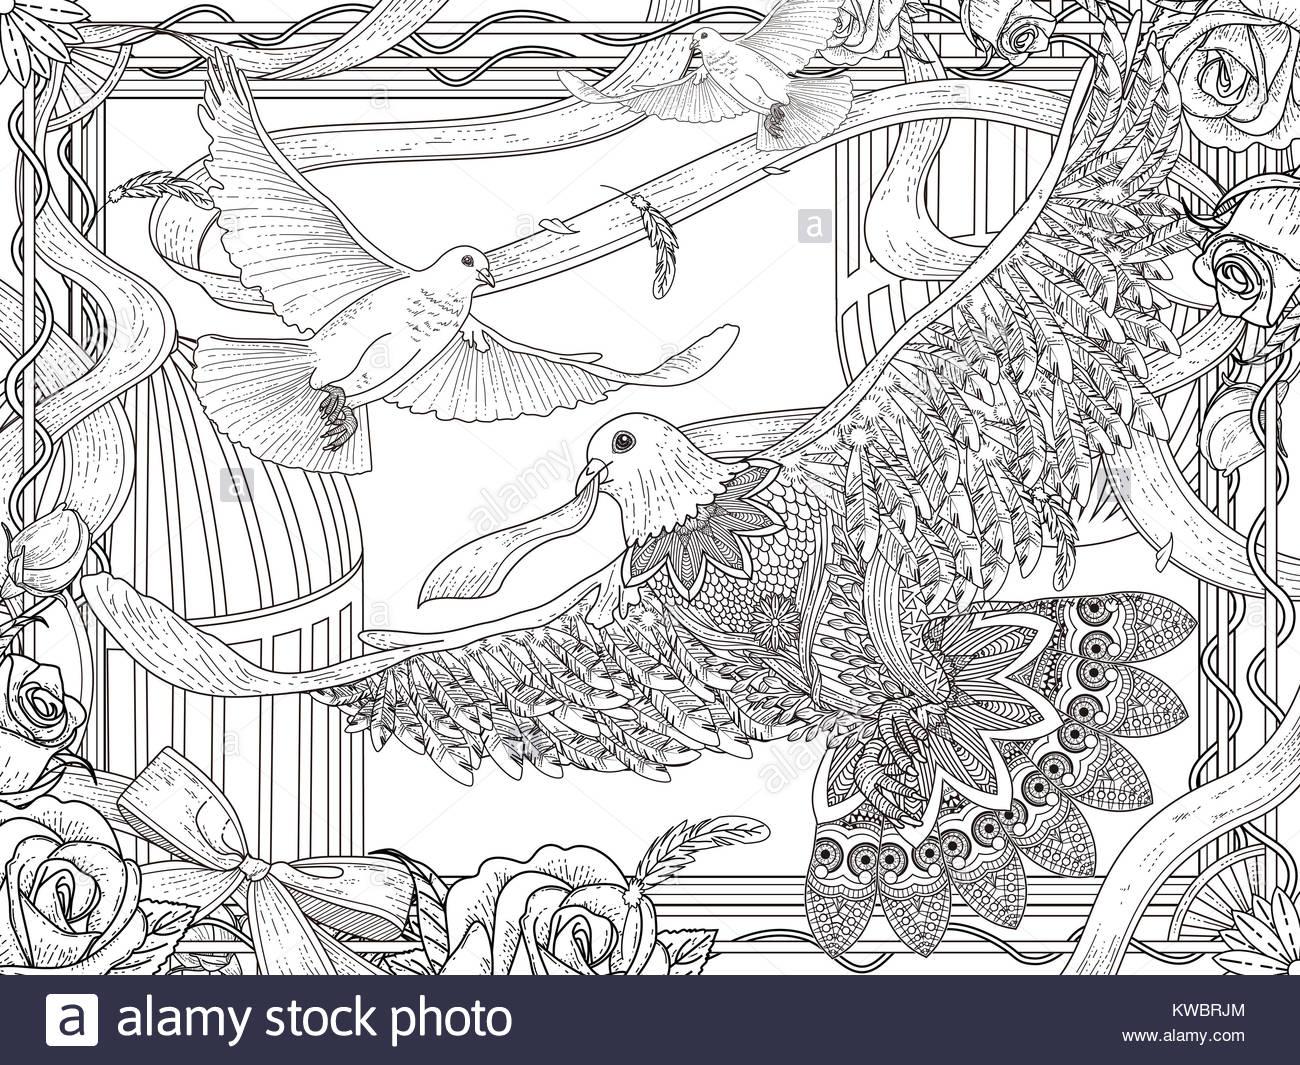 Romantische weiße Tauben Malvorlagen mit Rosen und Band Stockfoto ...